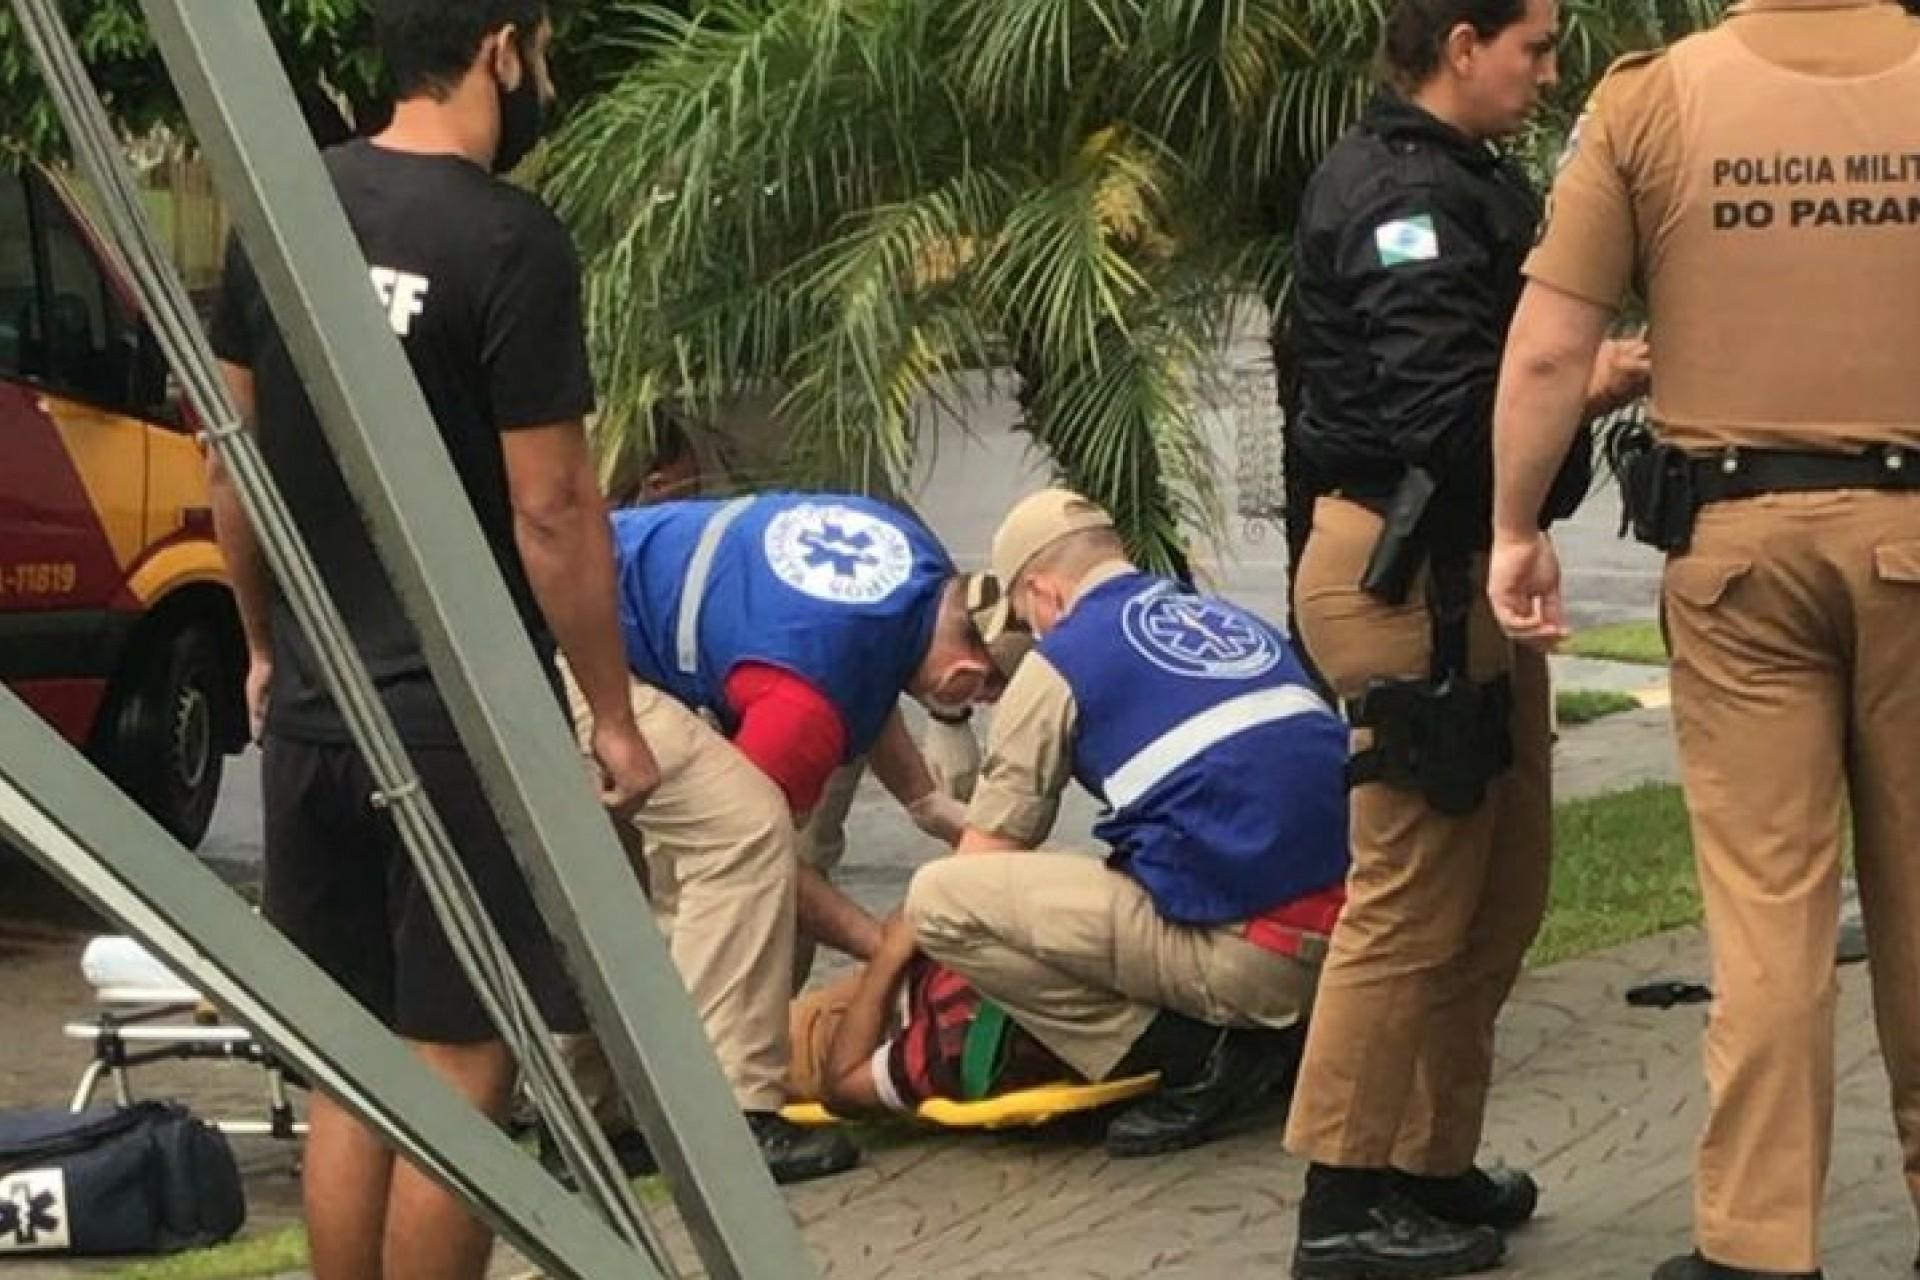 Medianeira: Assalto em frente à agência bancária termina com homem baleado